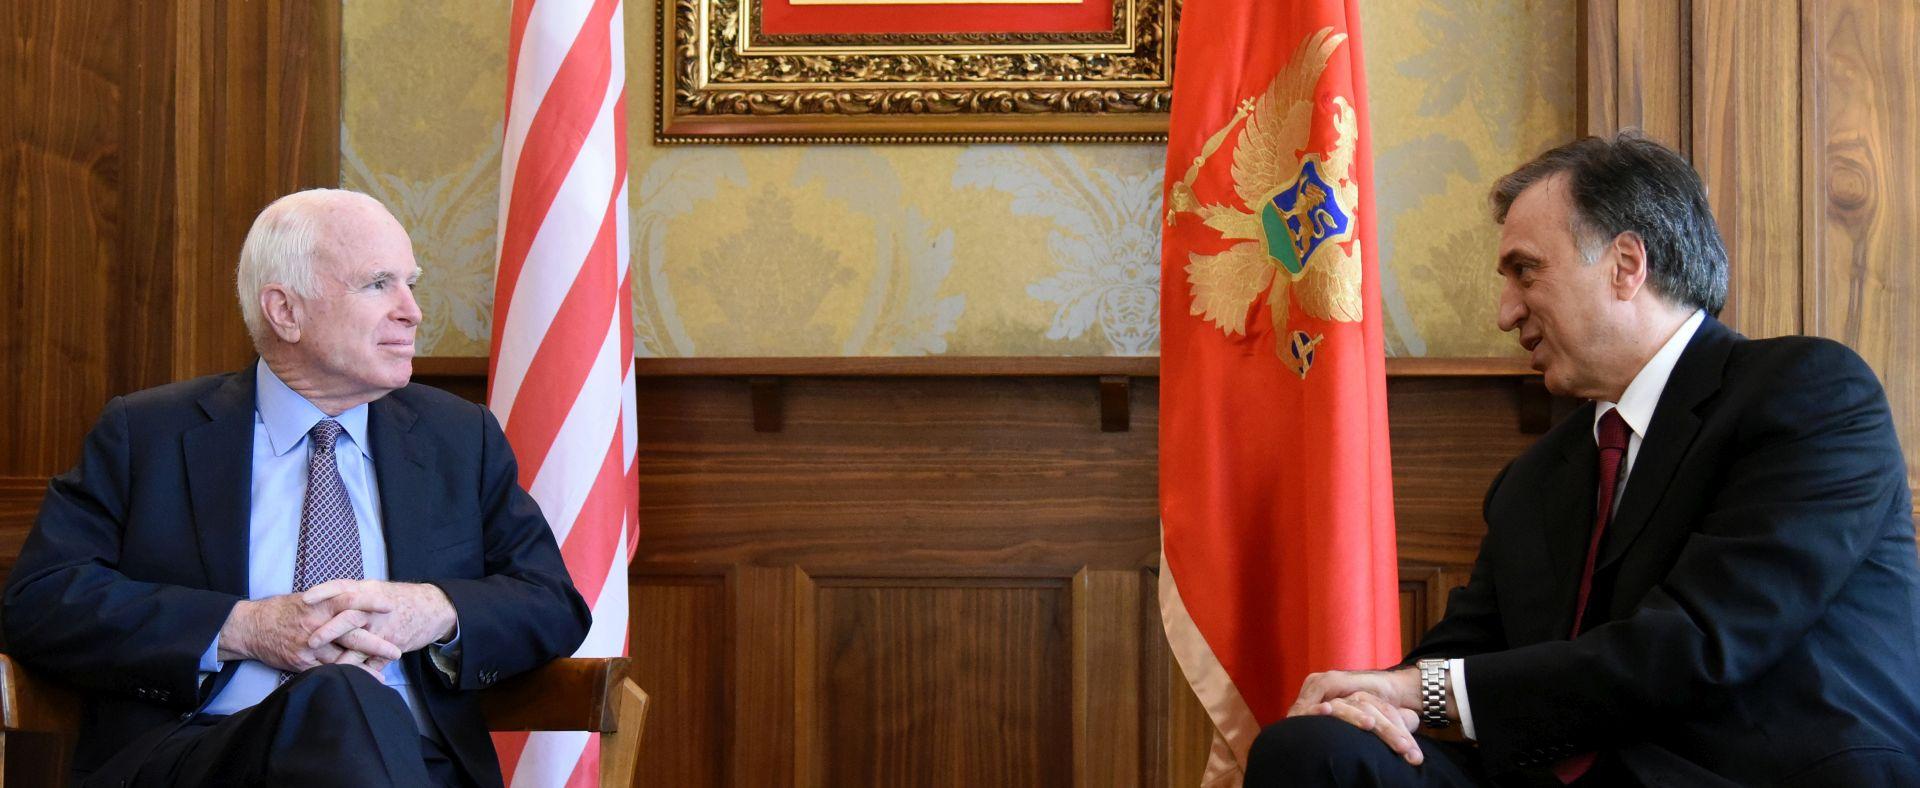 Rusija i dalje prijeti Crnoj Gori zbog ulaska u NATO